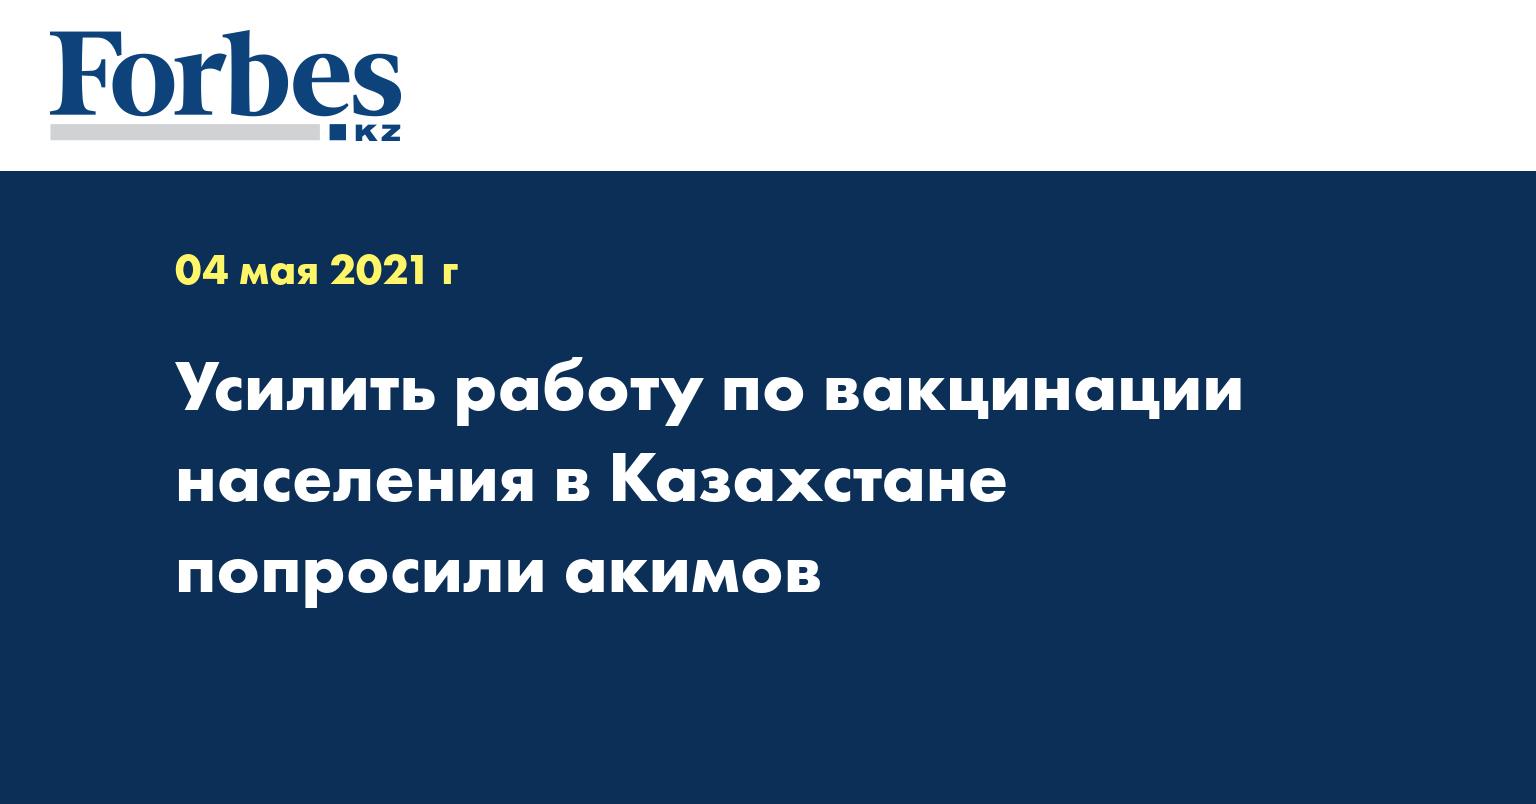 Усилить работу по вакцинации населения в Казахстане попросили акимов